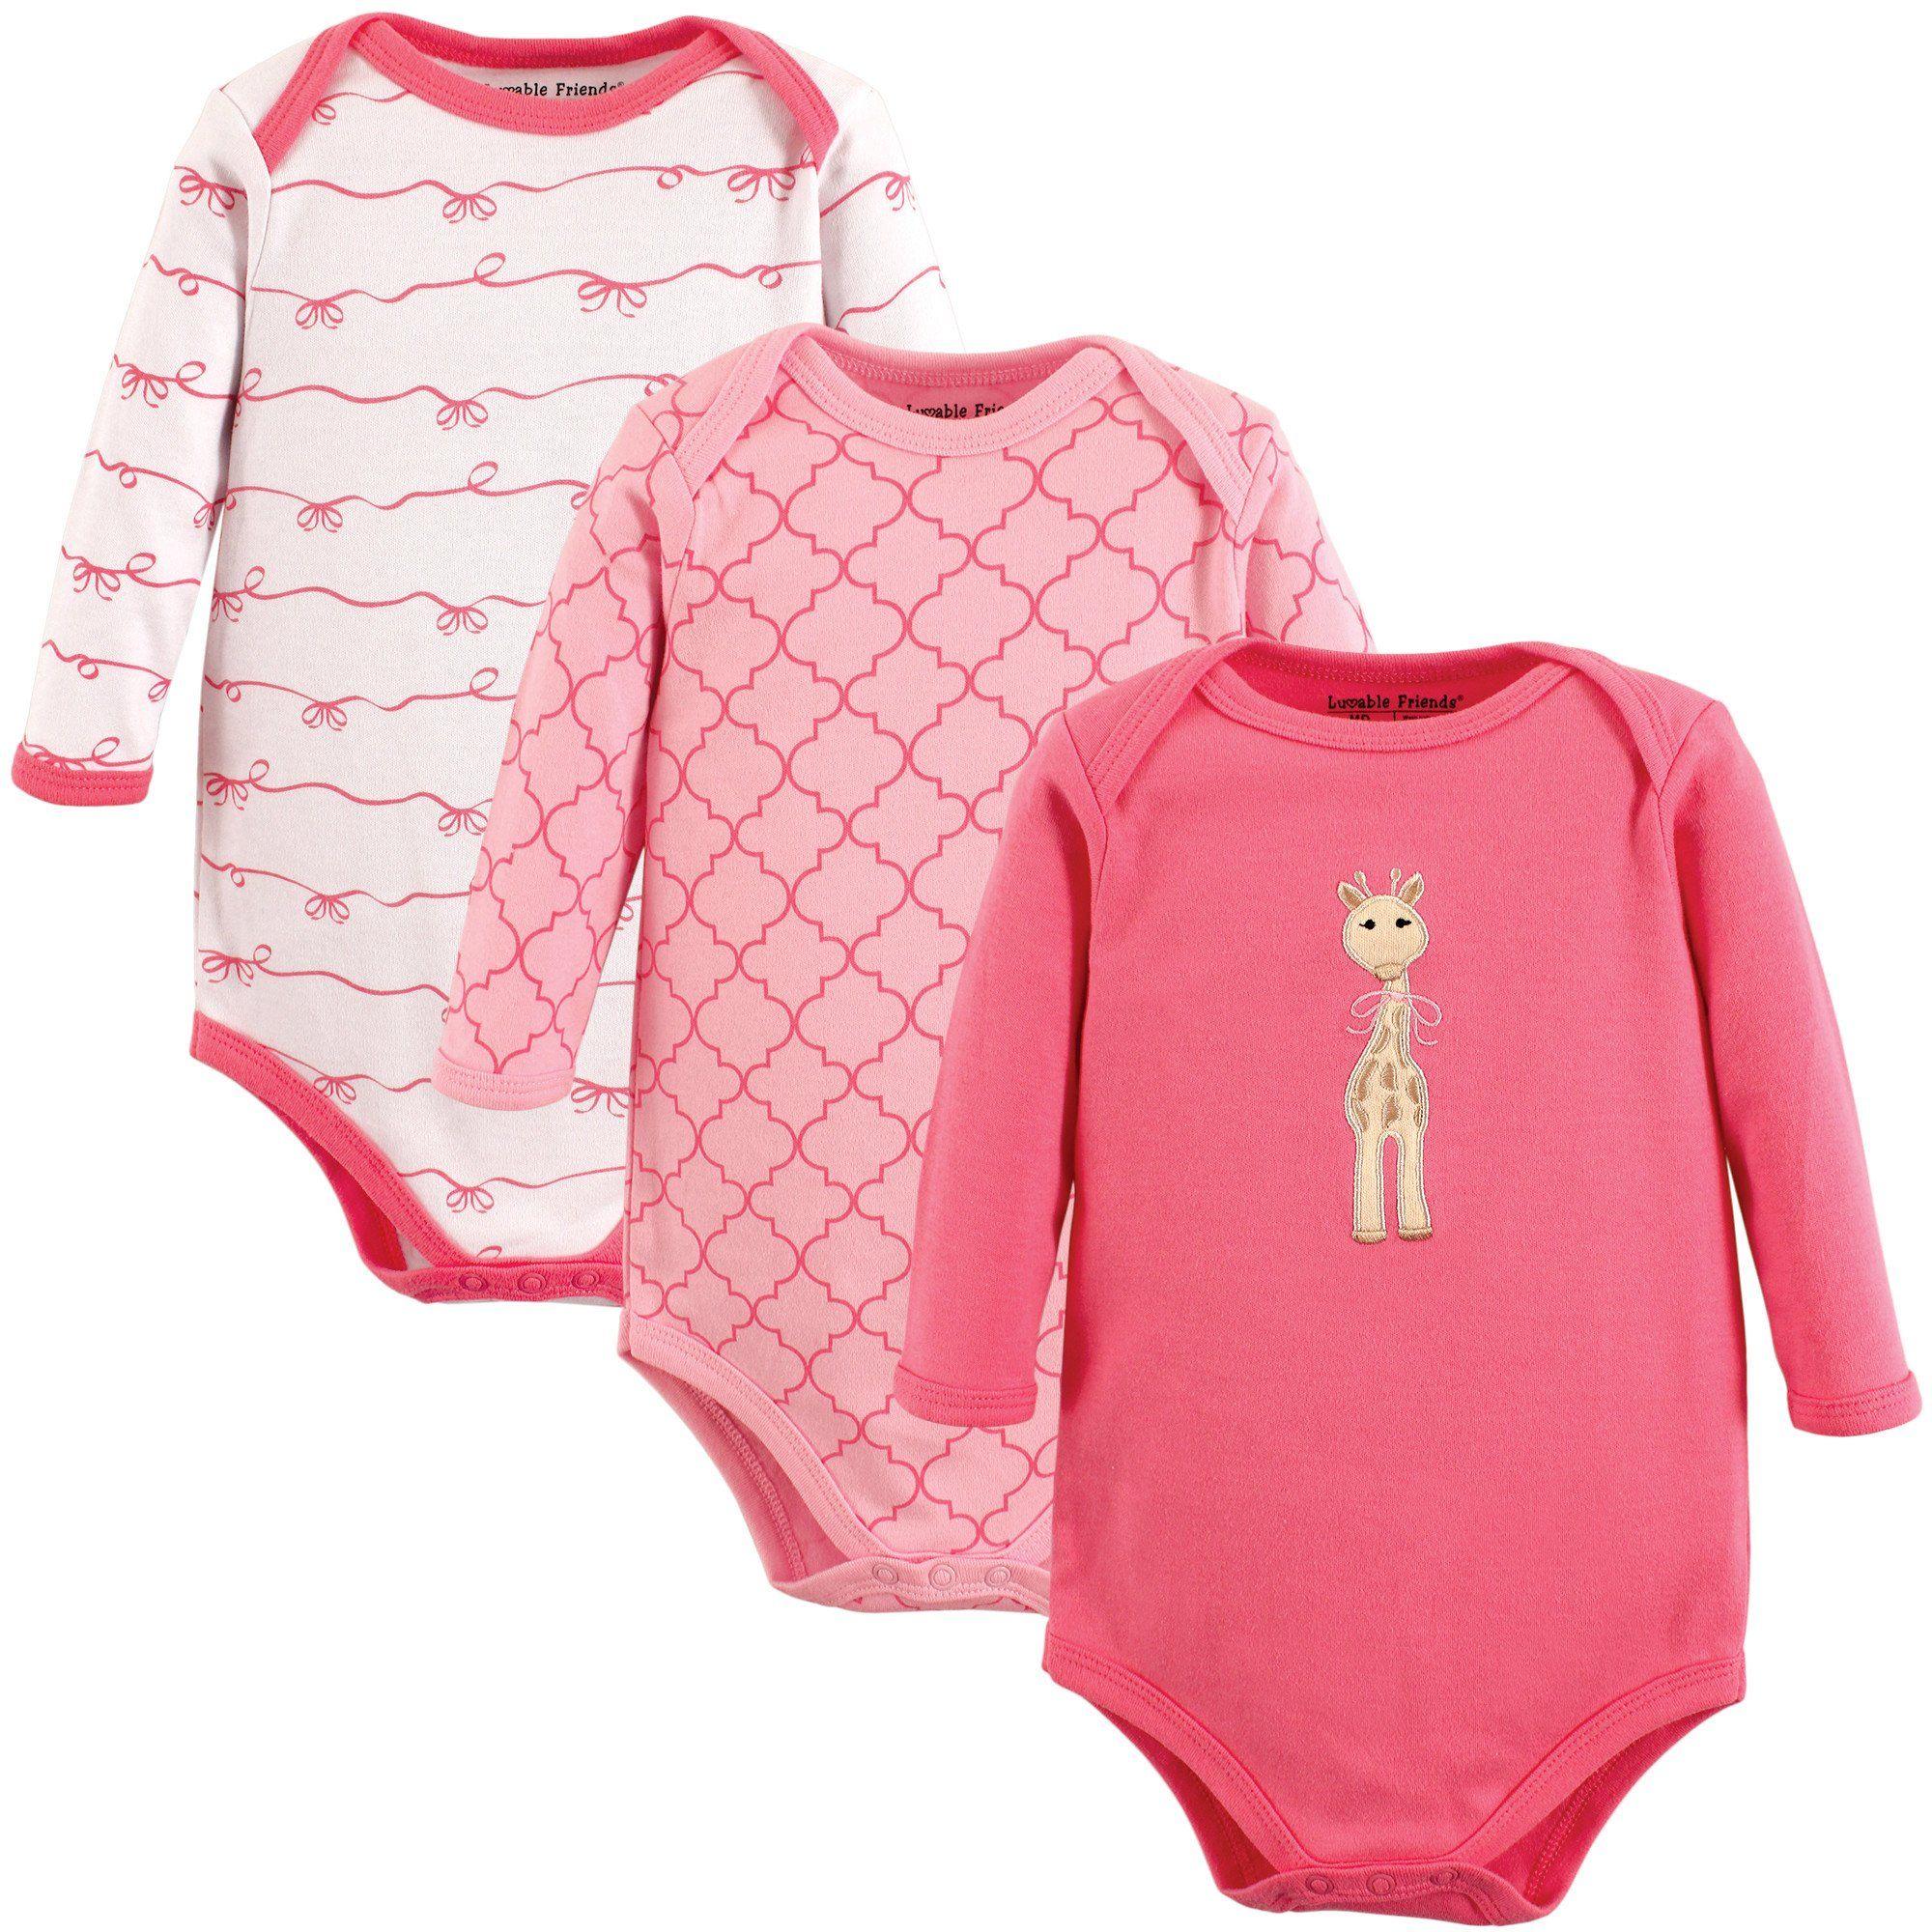 57d834c25 Luvable Friends Baby Long Sleeve Bodysuit 3 Pack